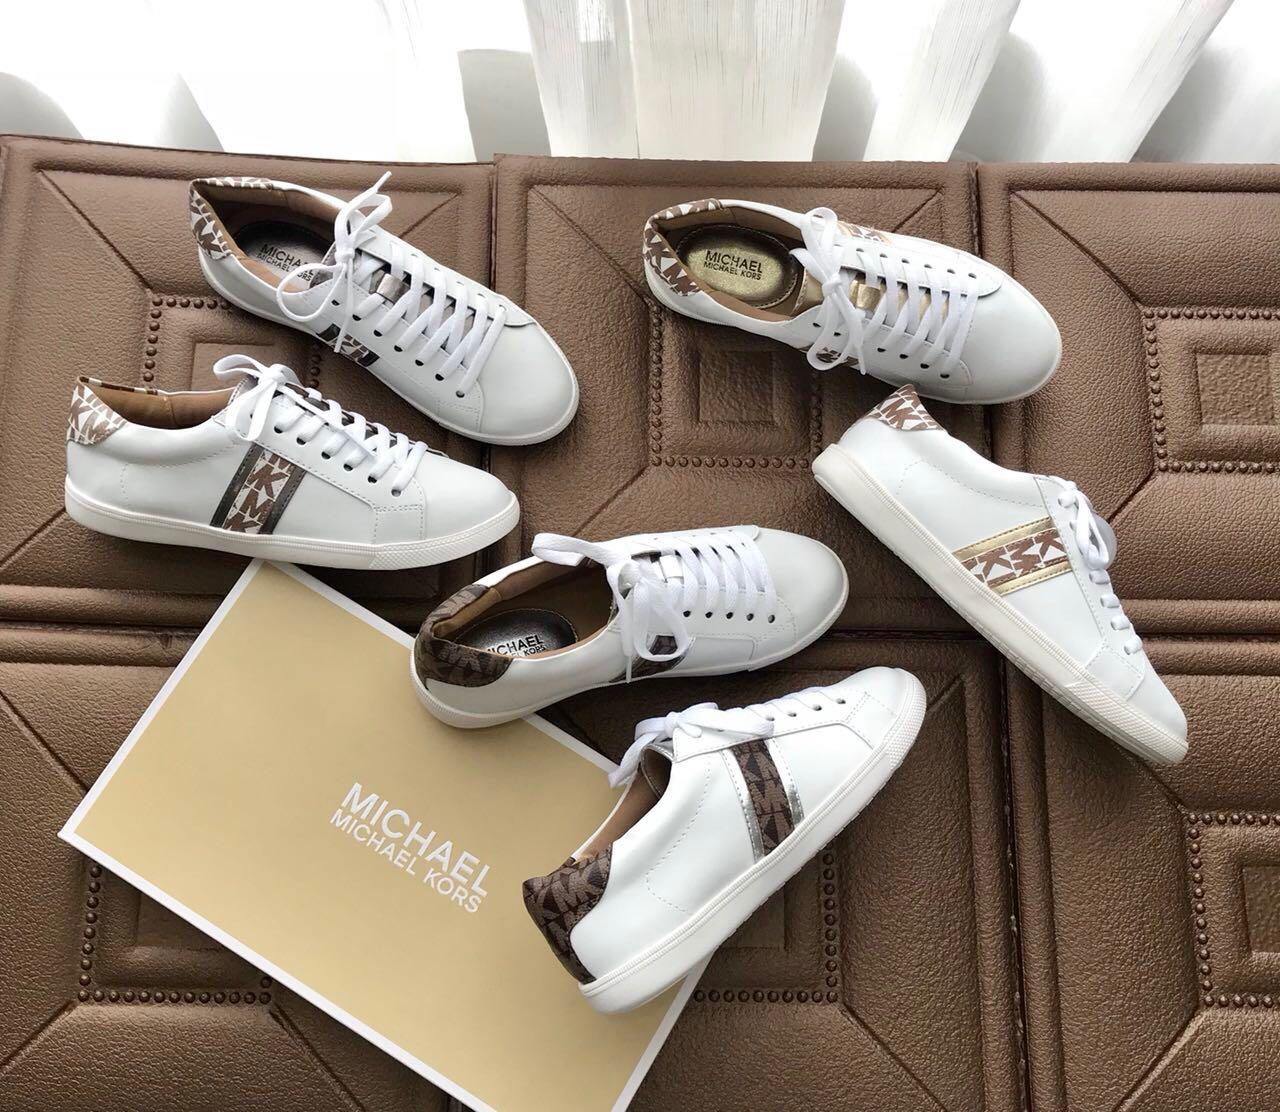 Những mô hình kinh doanh giày dép vốn ít nhưng lãi cao